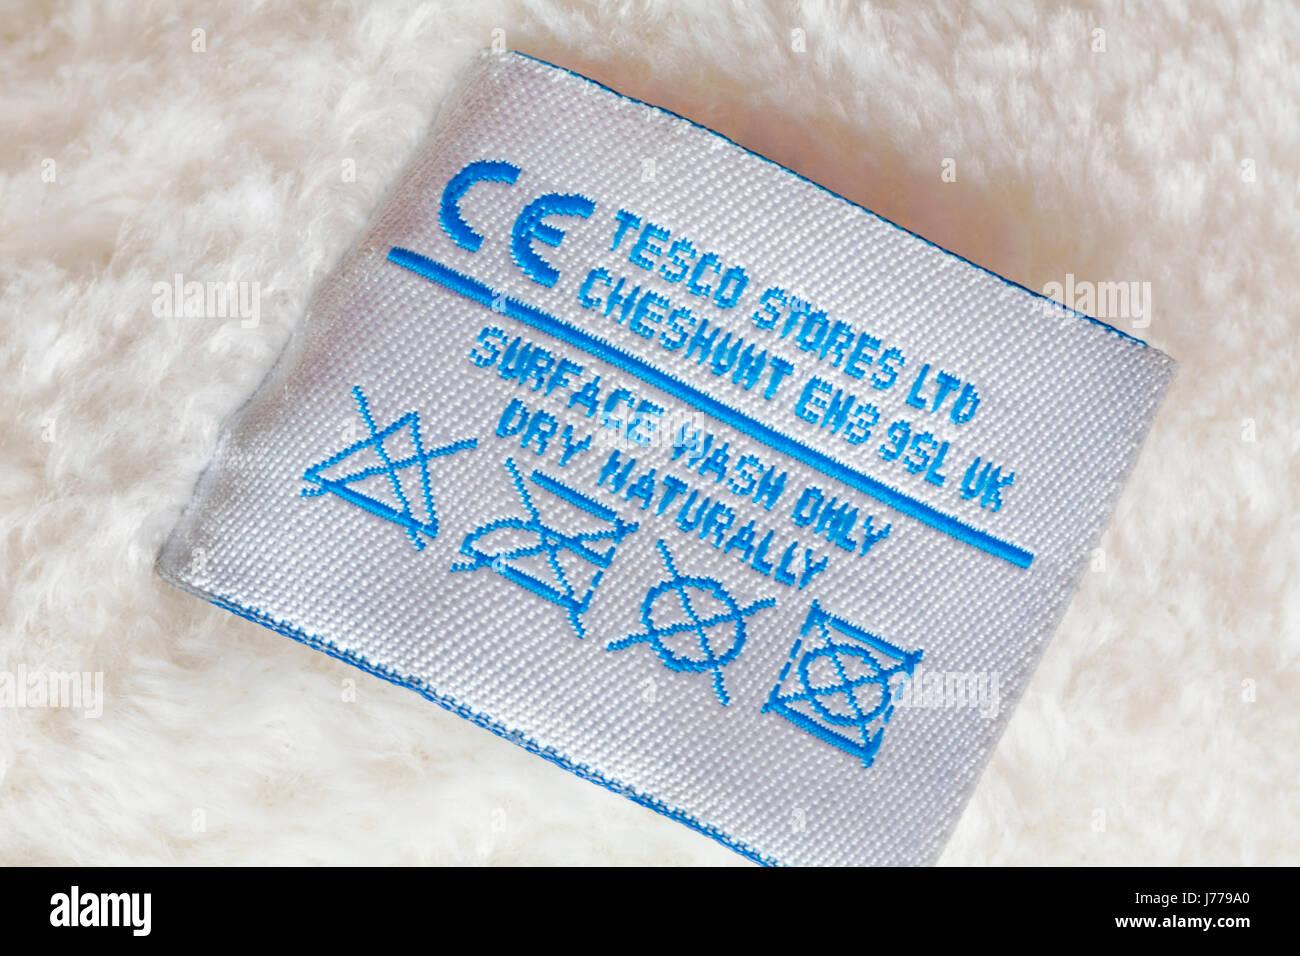 Informationen über Label - Oberfläche waschen nur trocknen Label in Teddybär von Tesco Stores Ltd Stockbild